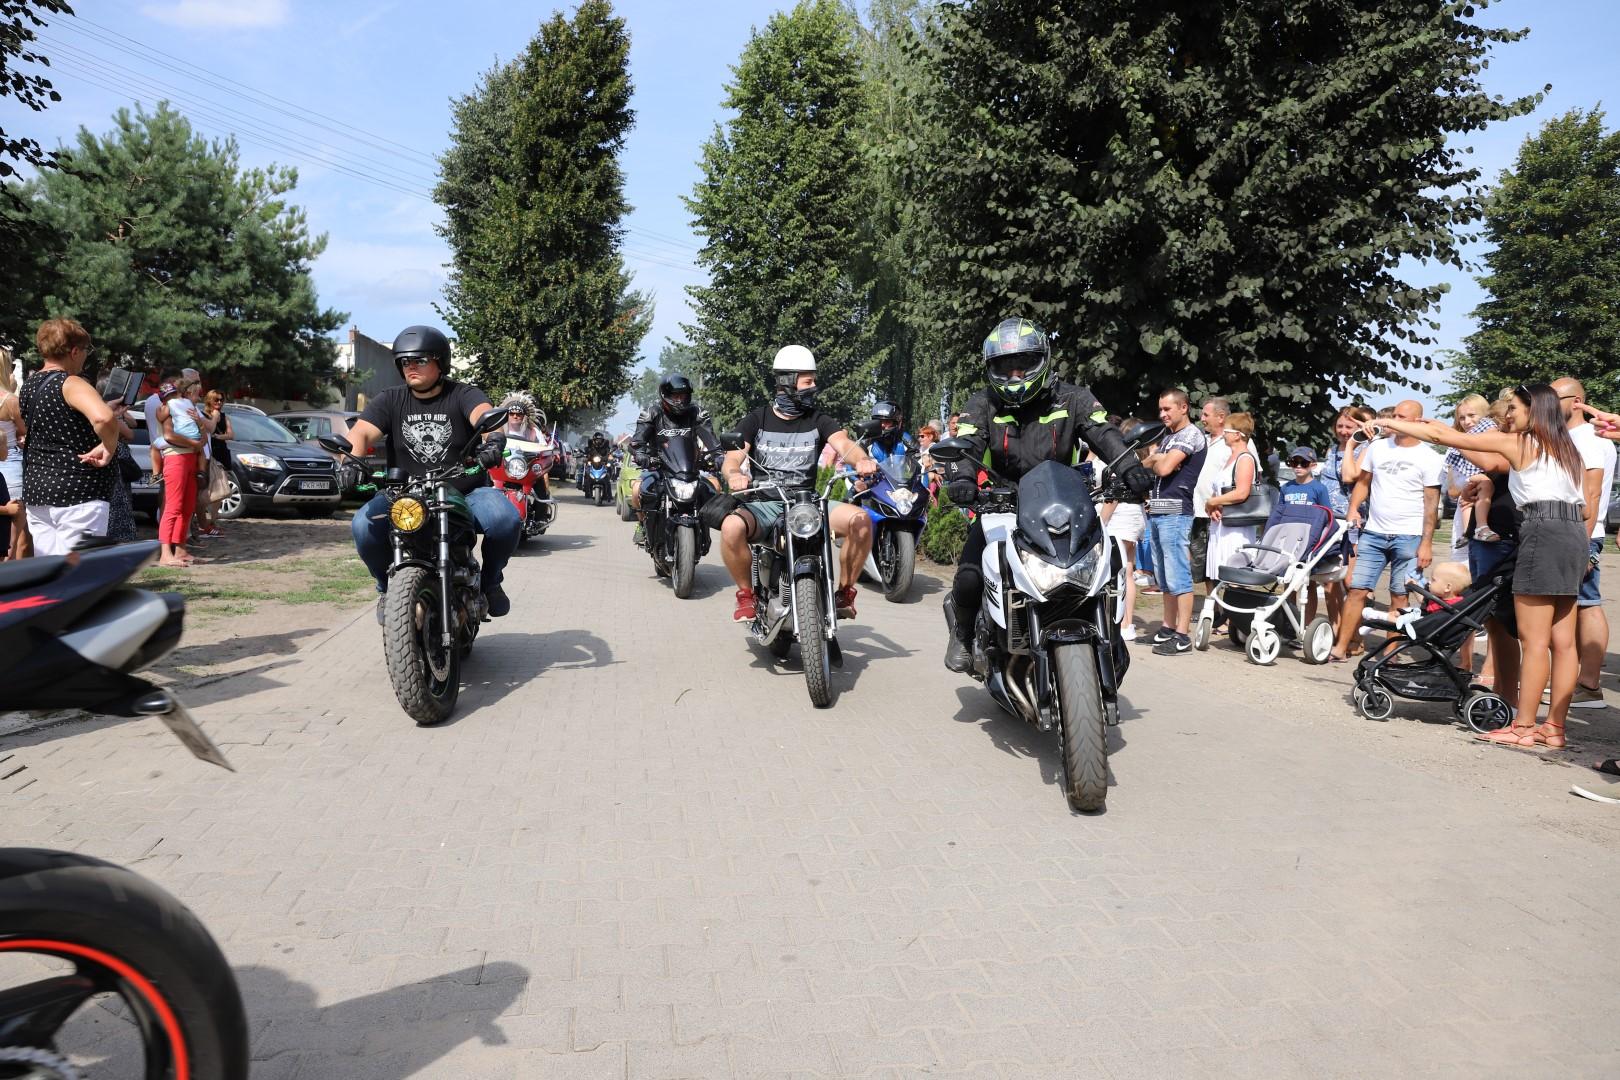 Piknik i parada motocykli w Kobylinie [ZDJĘCIA] - Zdjęcie główne